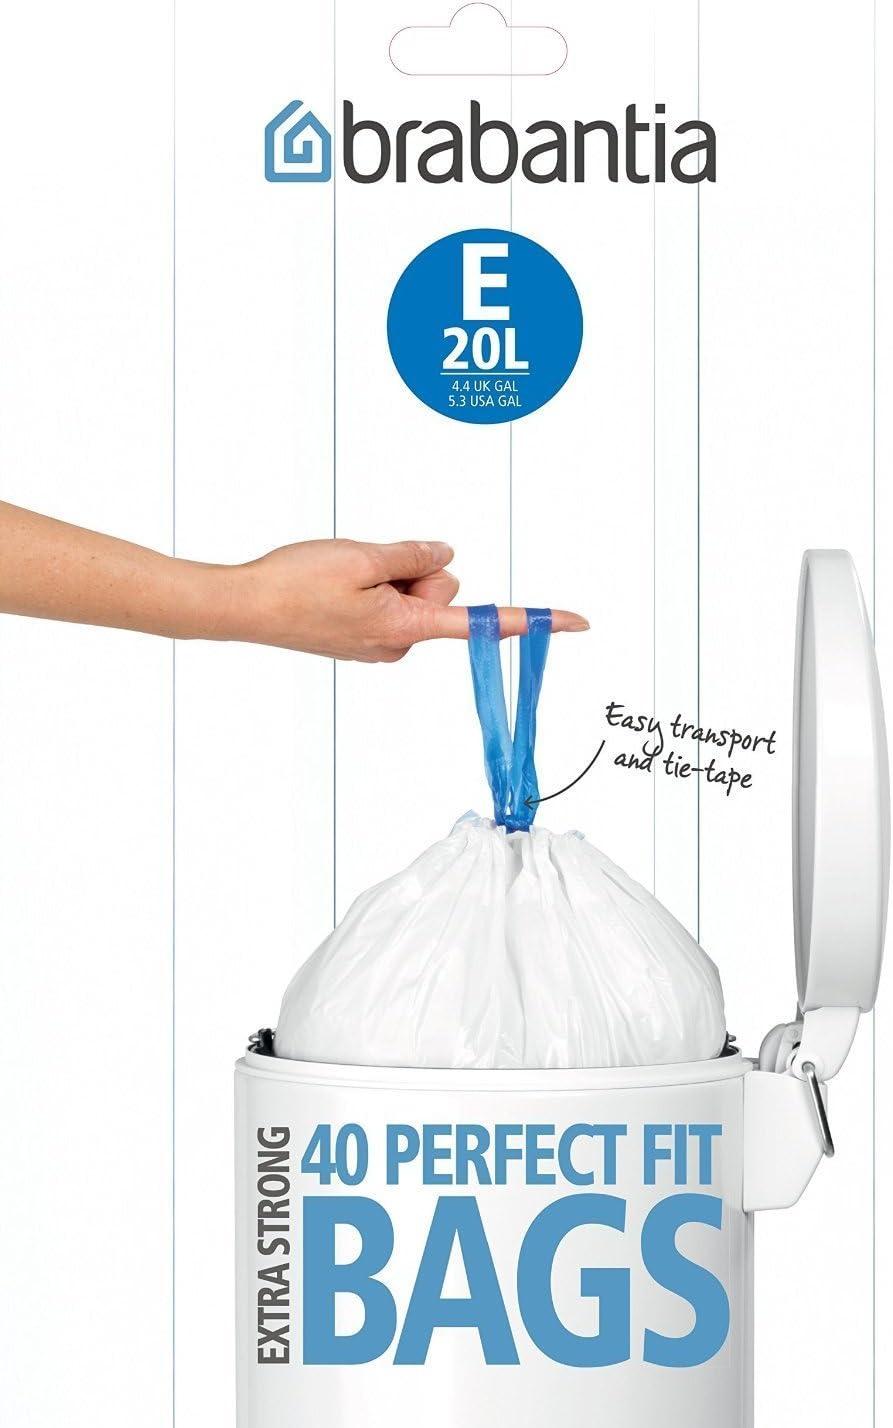 120 Easy Tie Durable Heavy Duty 5 Litre Bin Liner Bags For Brabantia Bin Size B